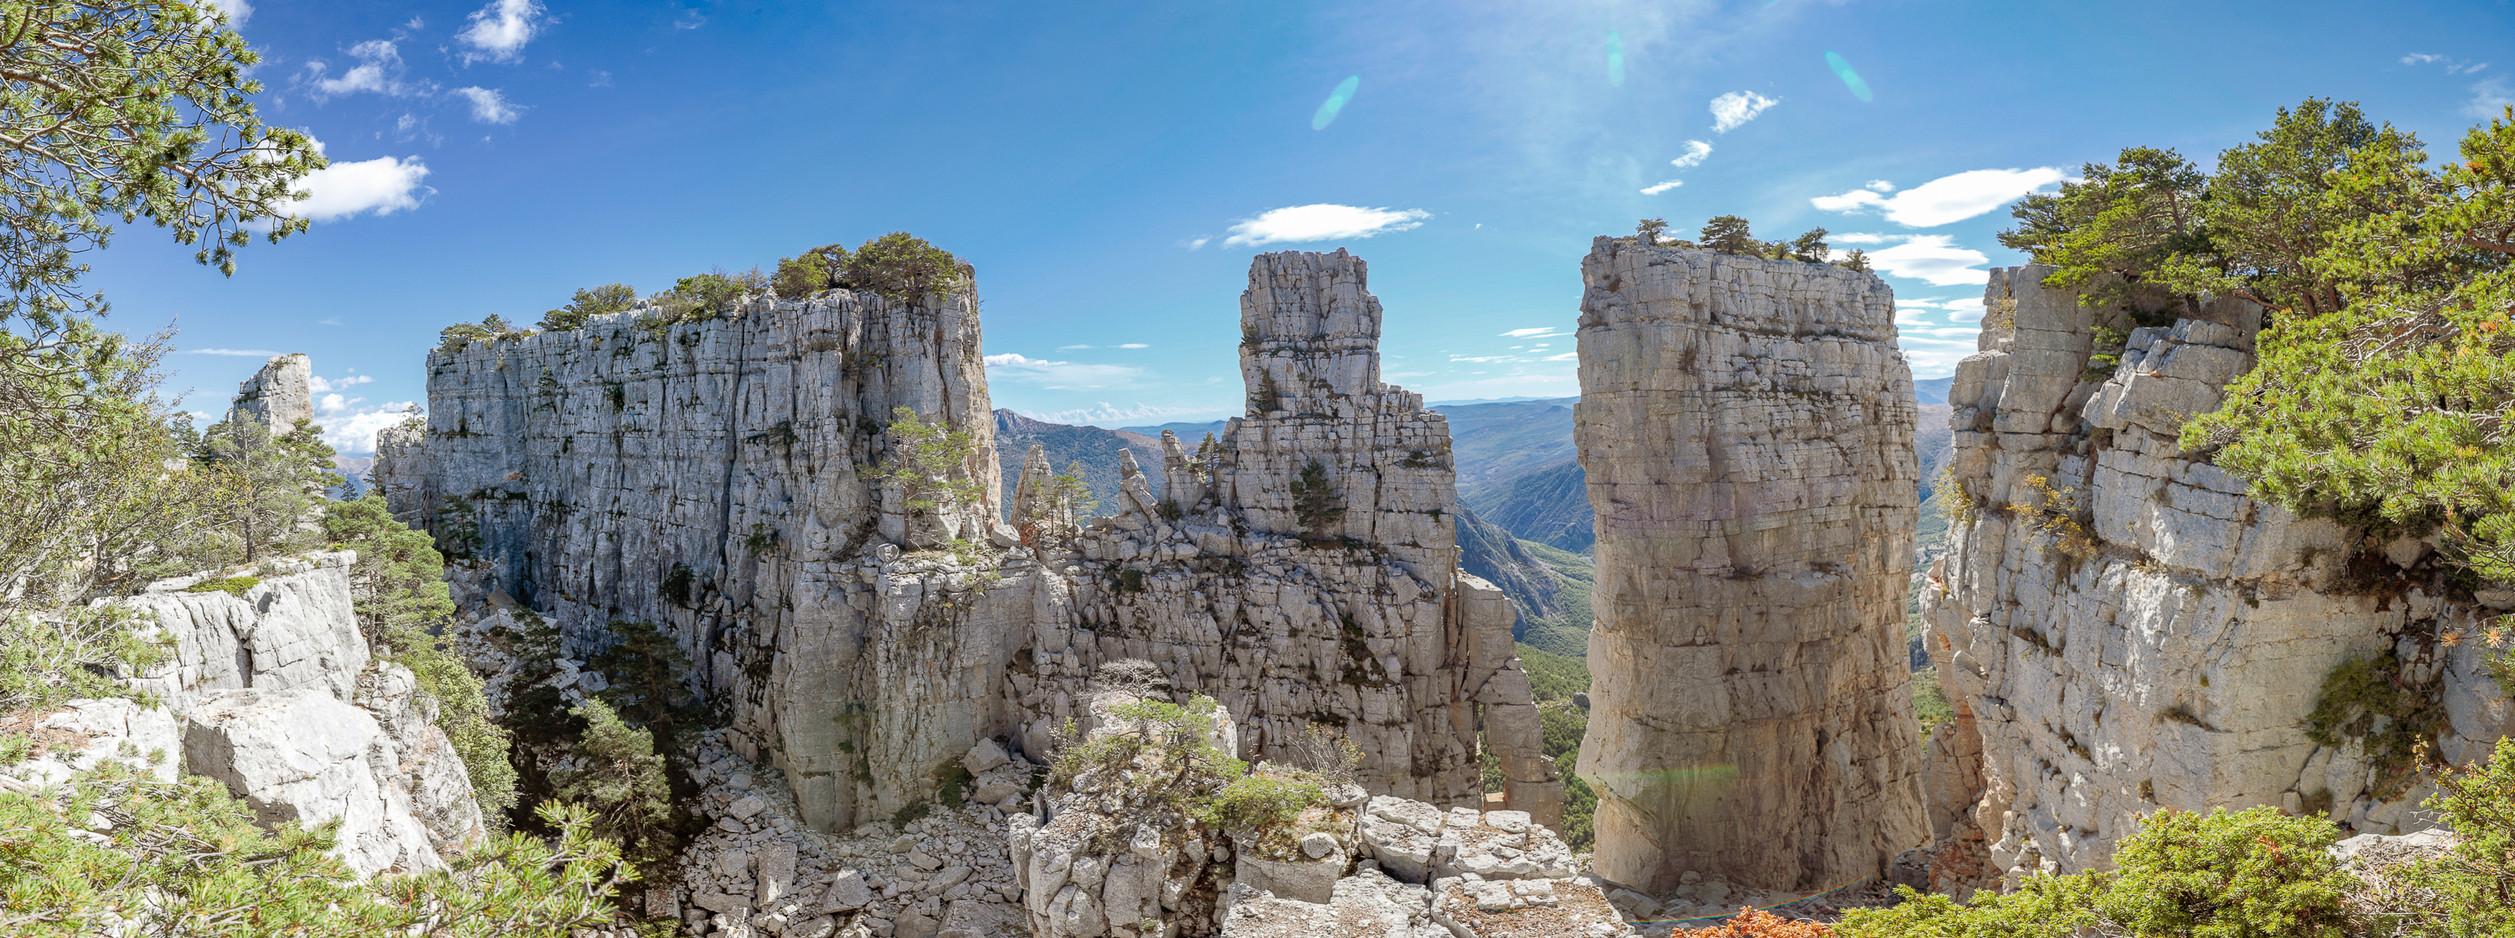 panoramic vertical